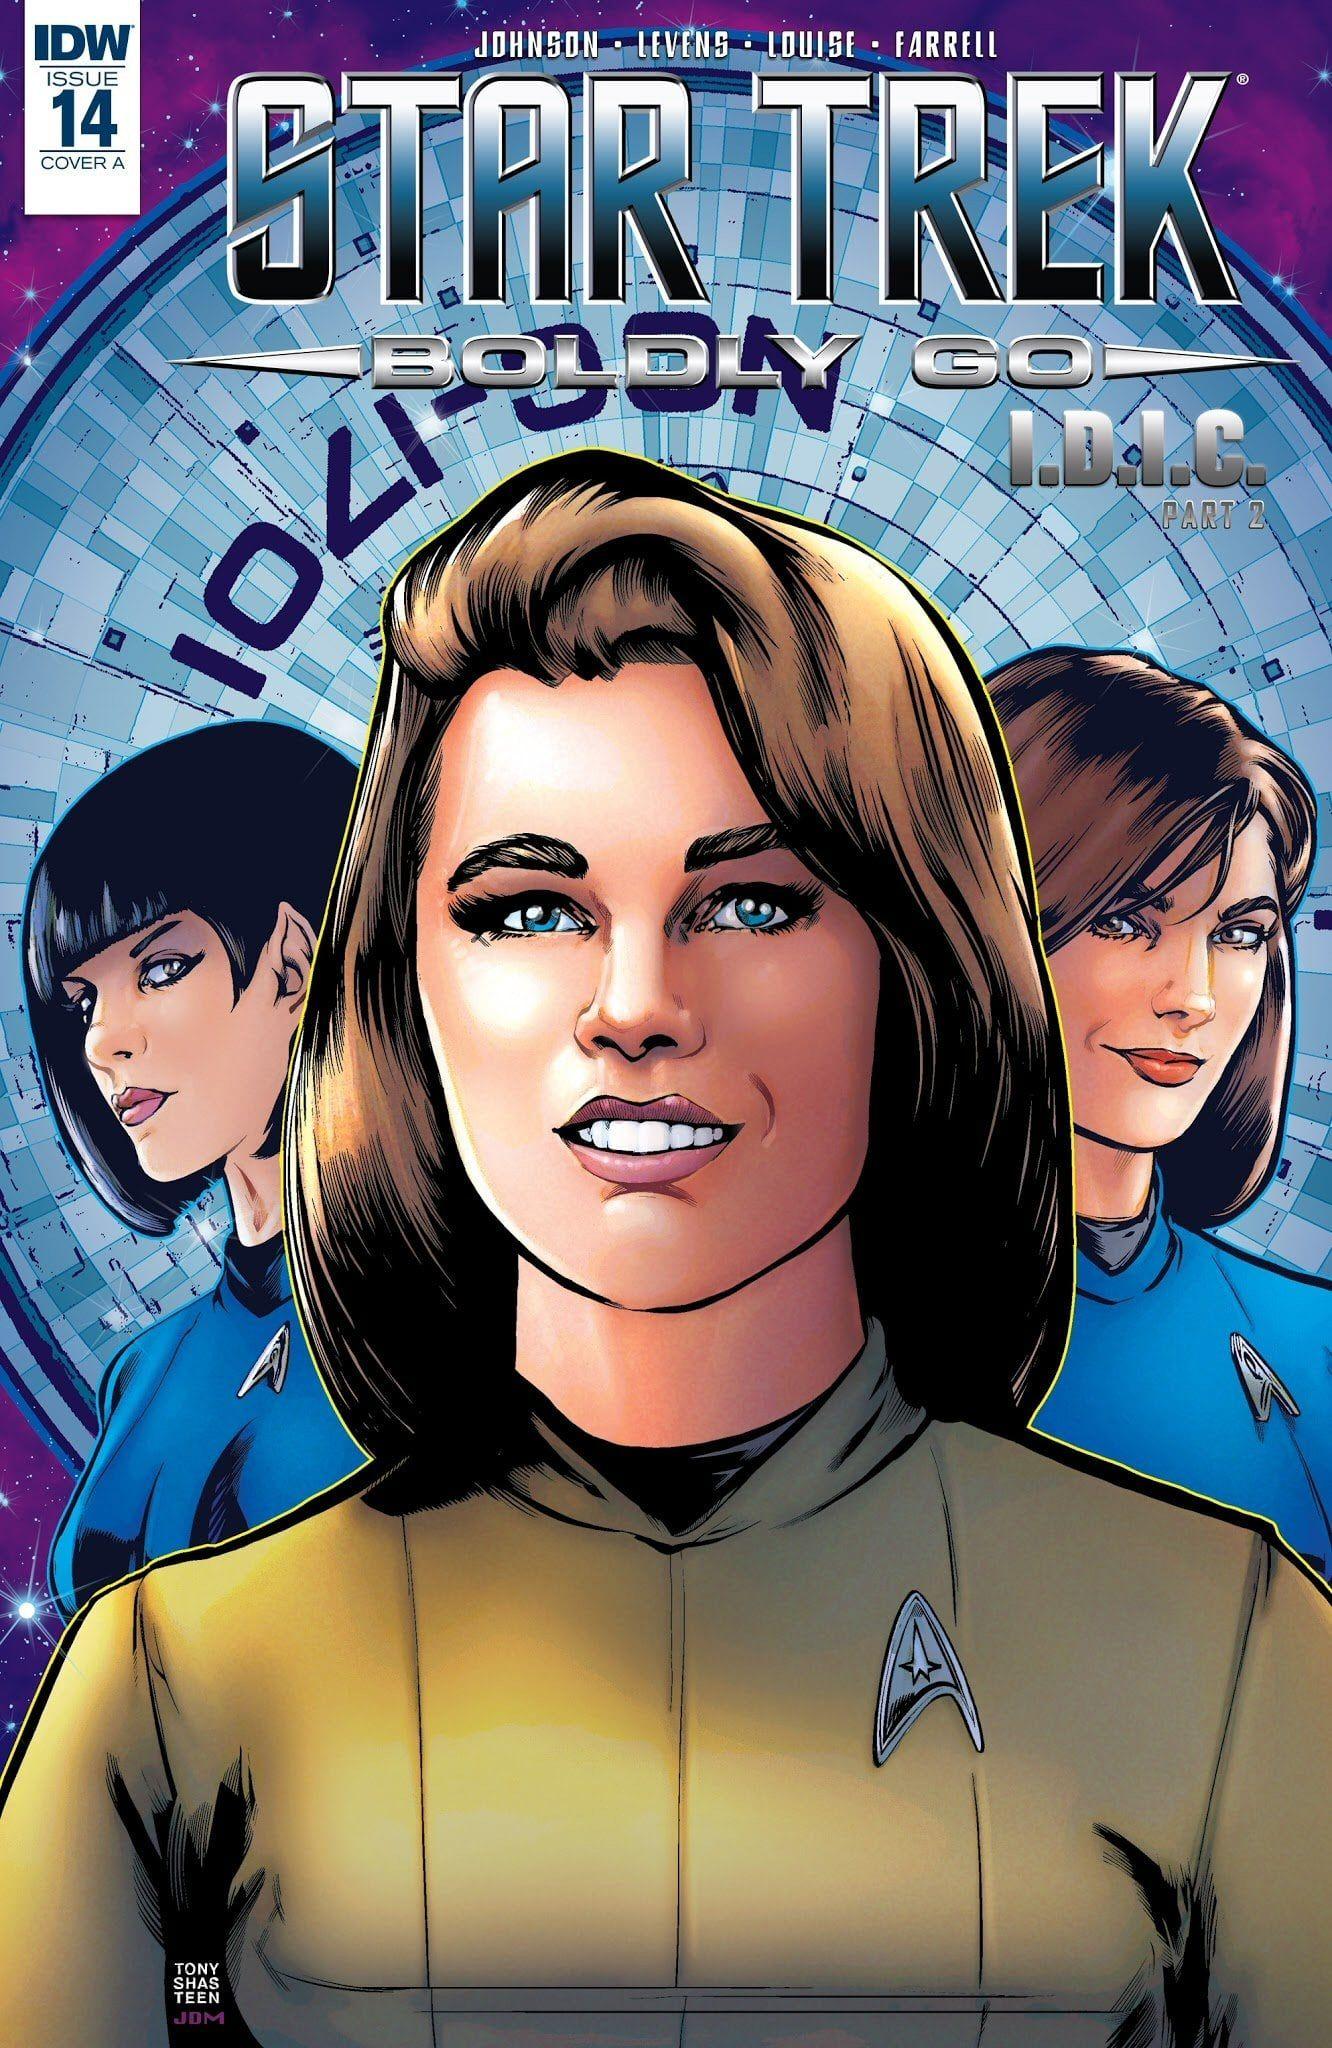 Star Trek: Boldly Go #14 | Comic books | Star Trek, Mirror